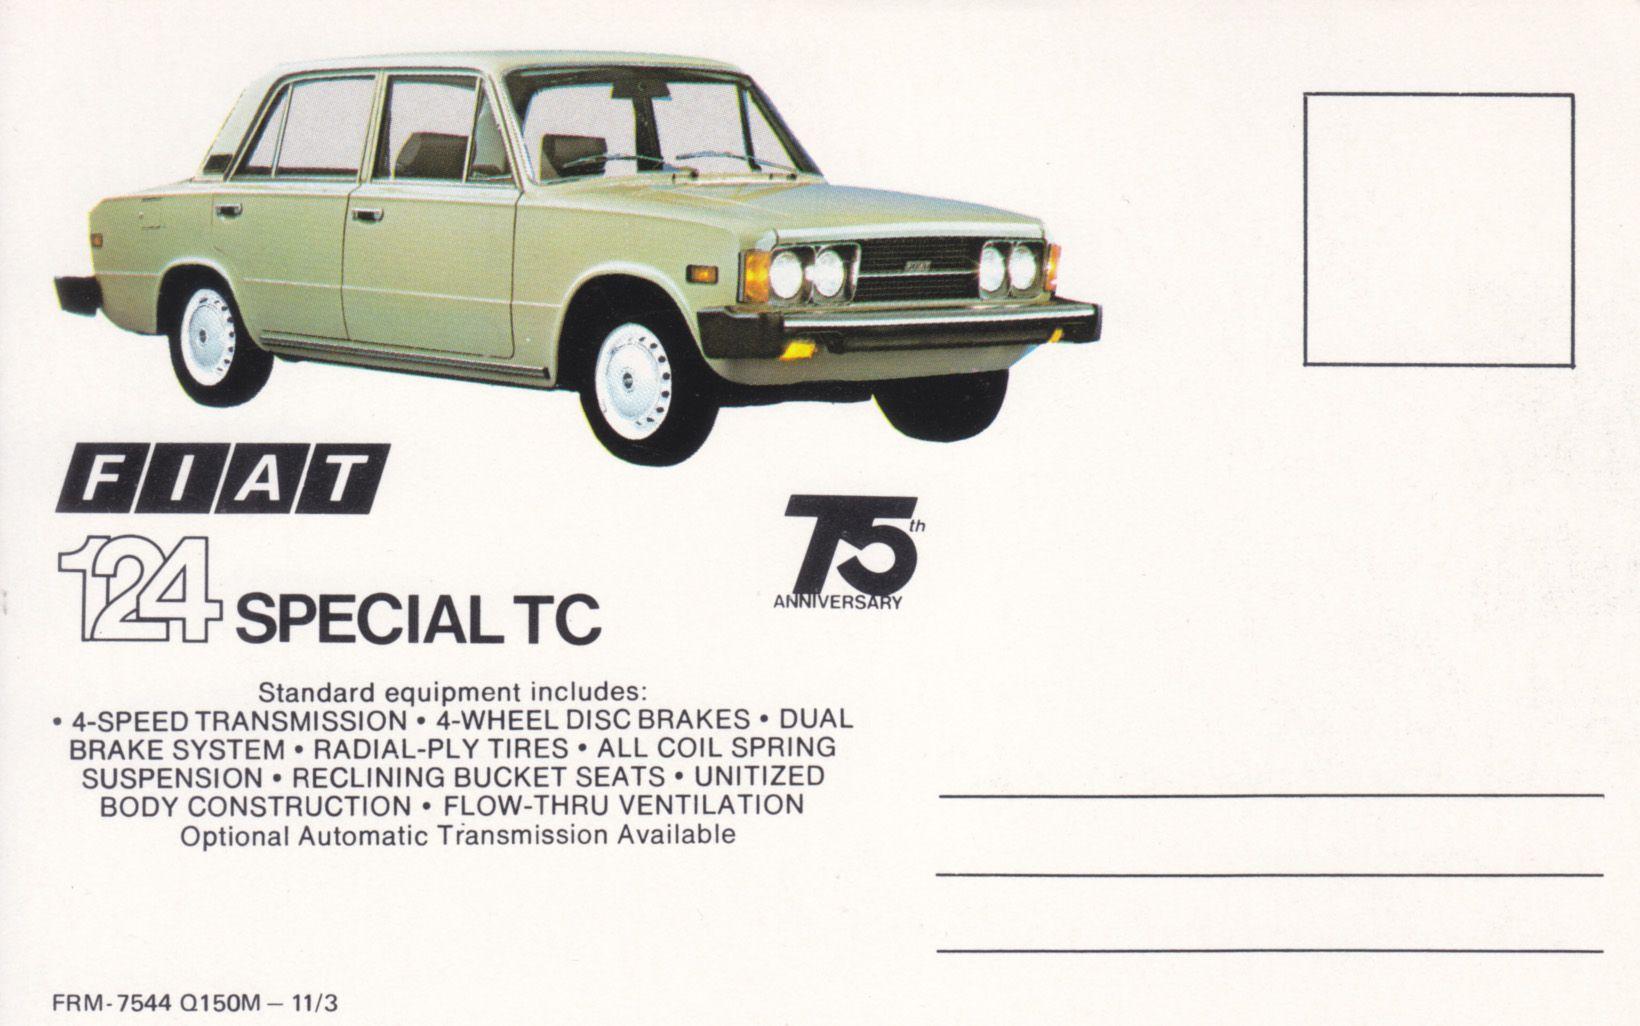 Fiat 124 Special Tc Usa 7544 11 1973 Met Afbeeldingen